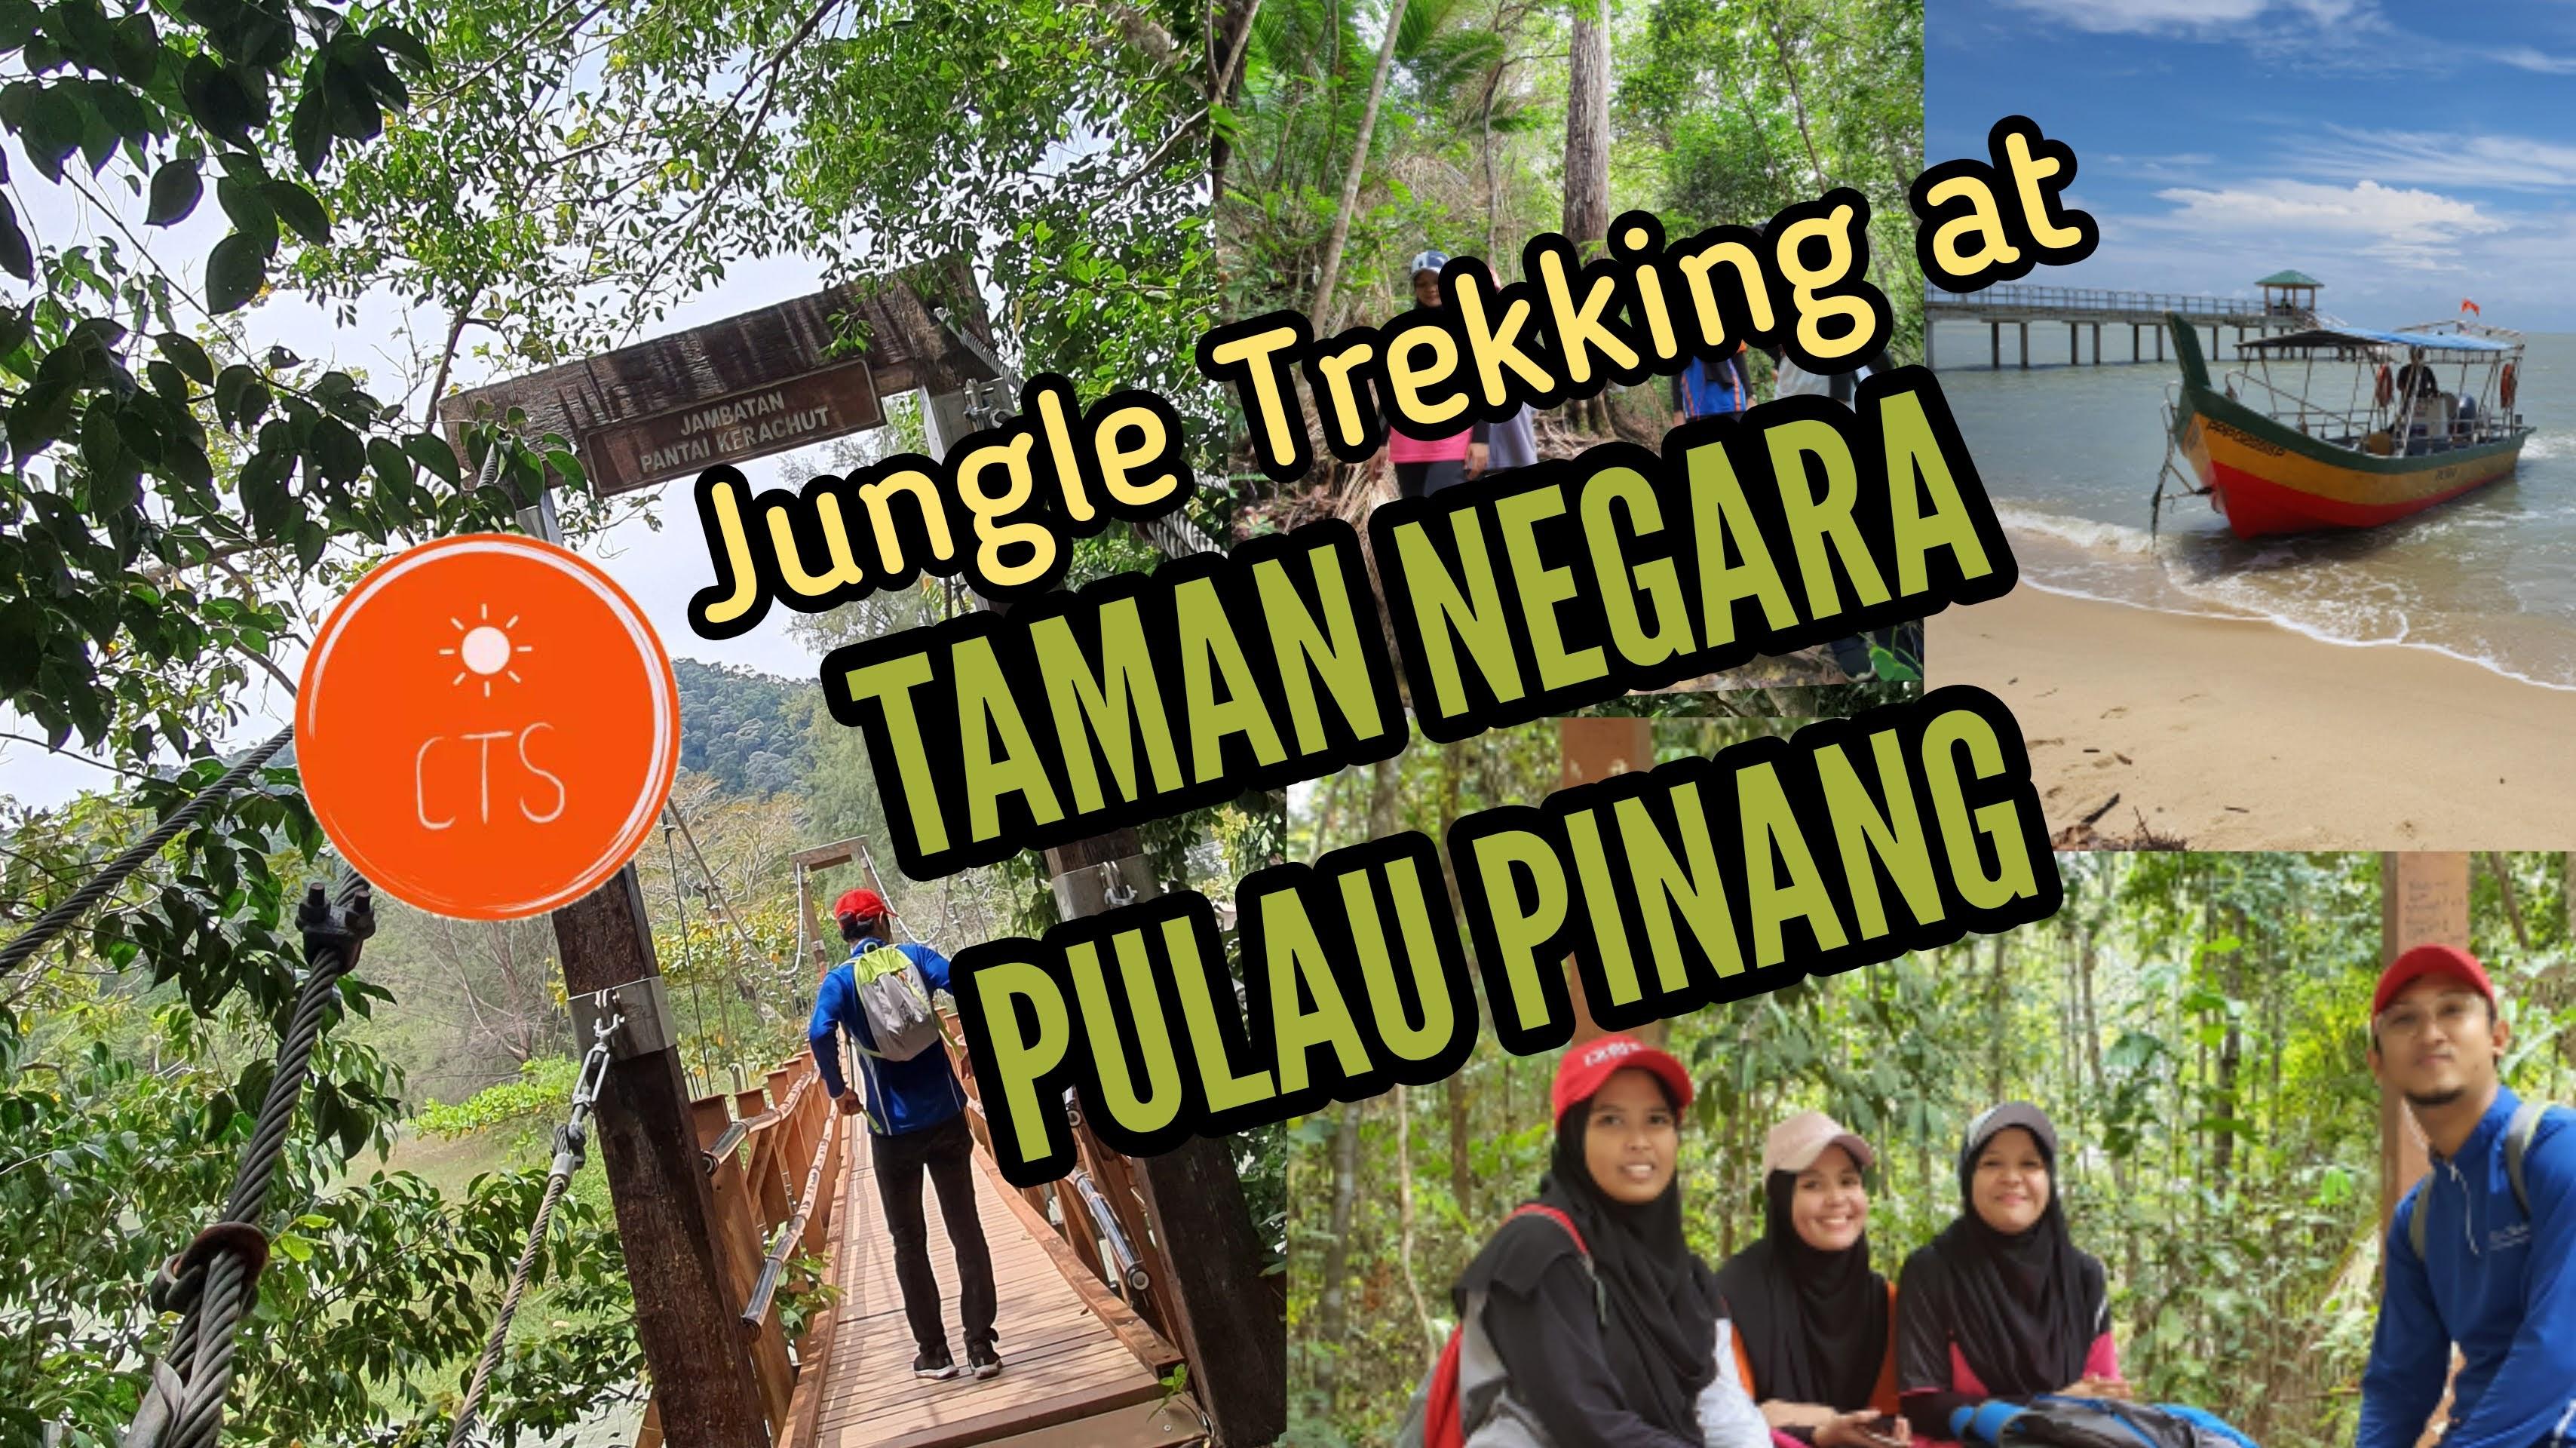 Pengalaman Jungle Trekking di Taman Negara Pulau Pinang @ Teluk Bahang